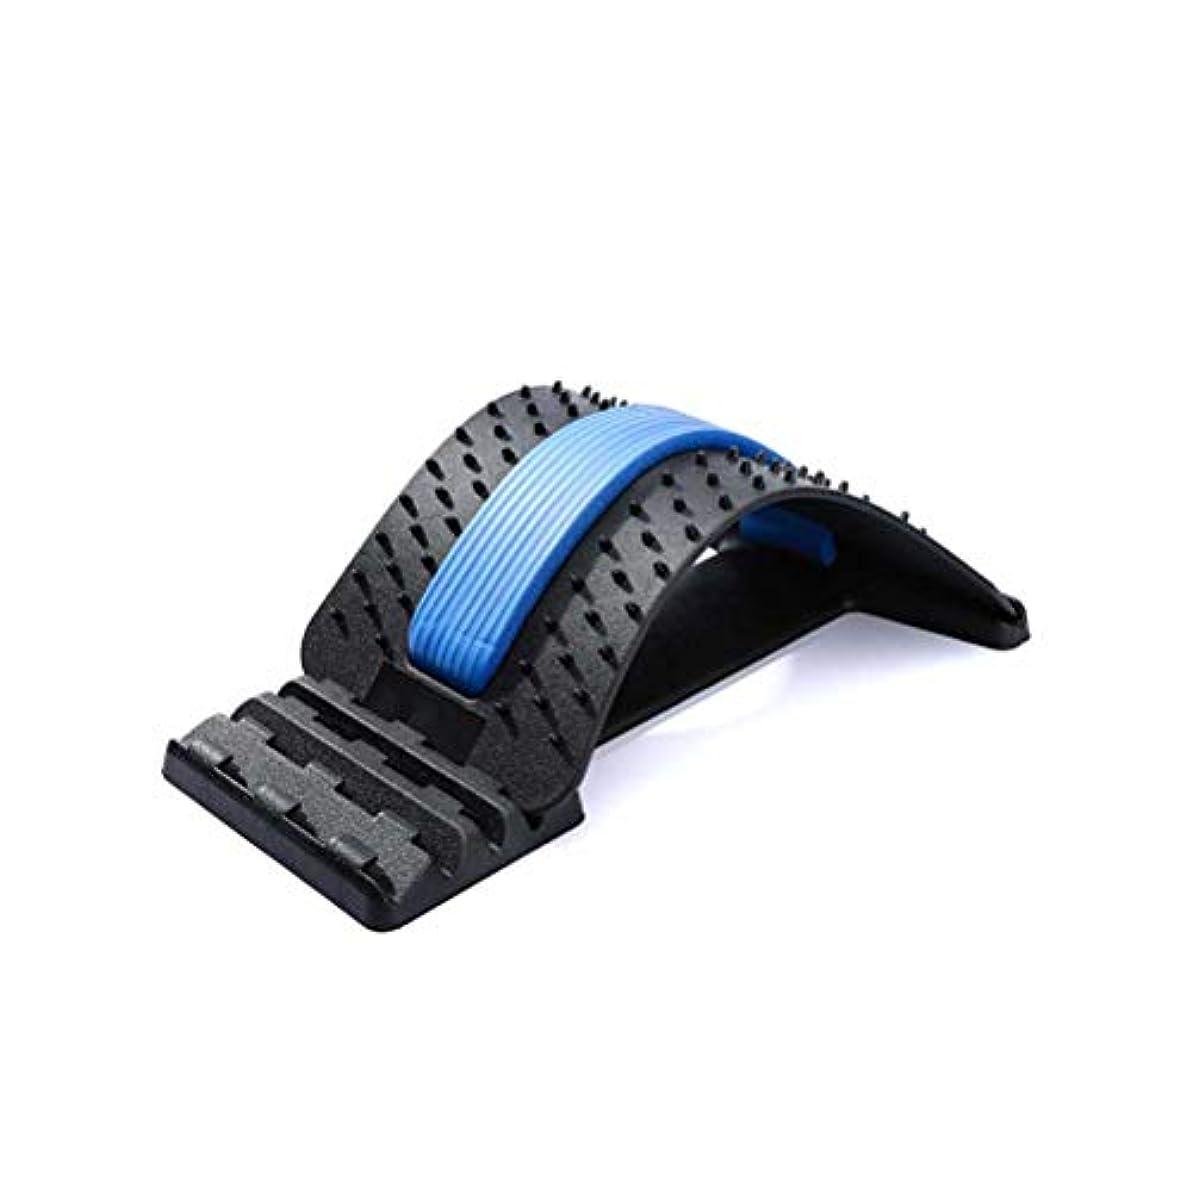 分注する逃げる保証金SUPVOXバックストレッチングデバイスバックマッサージャーランバーサポートストレッチャー脊椎の背中の痛み筋肉痛の緩和用オフィスチェア(ブラックブルー)